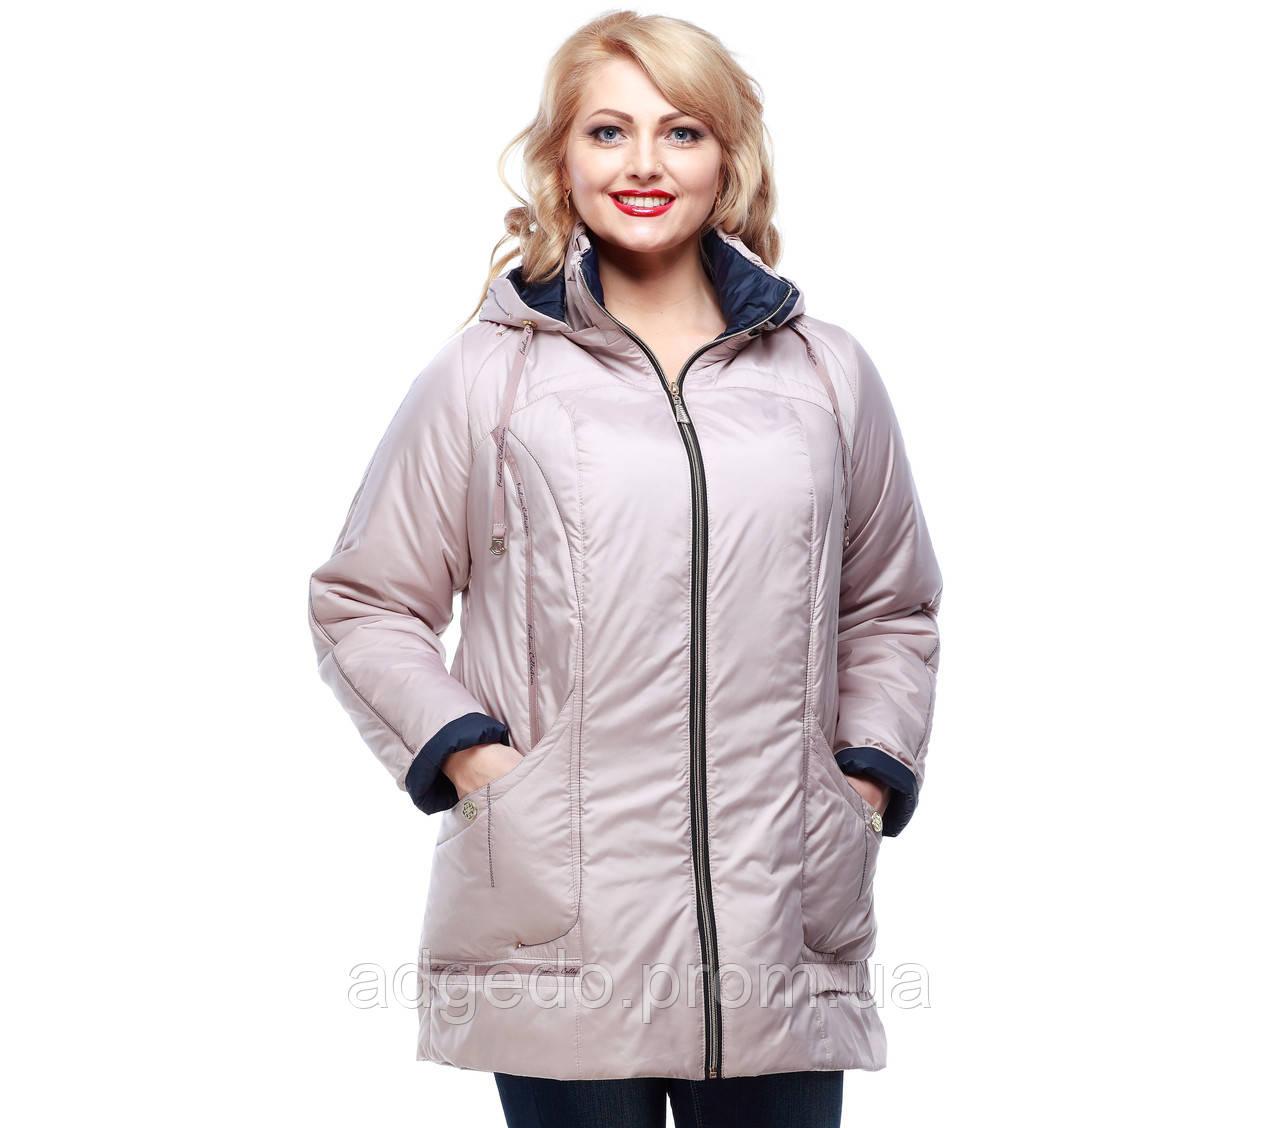 0126c73e676a Куртка демисезонная женская